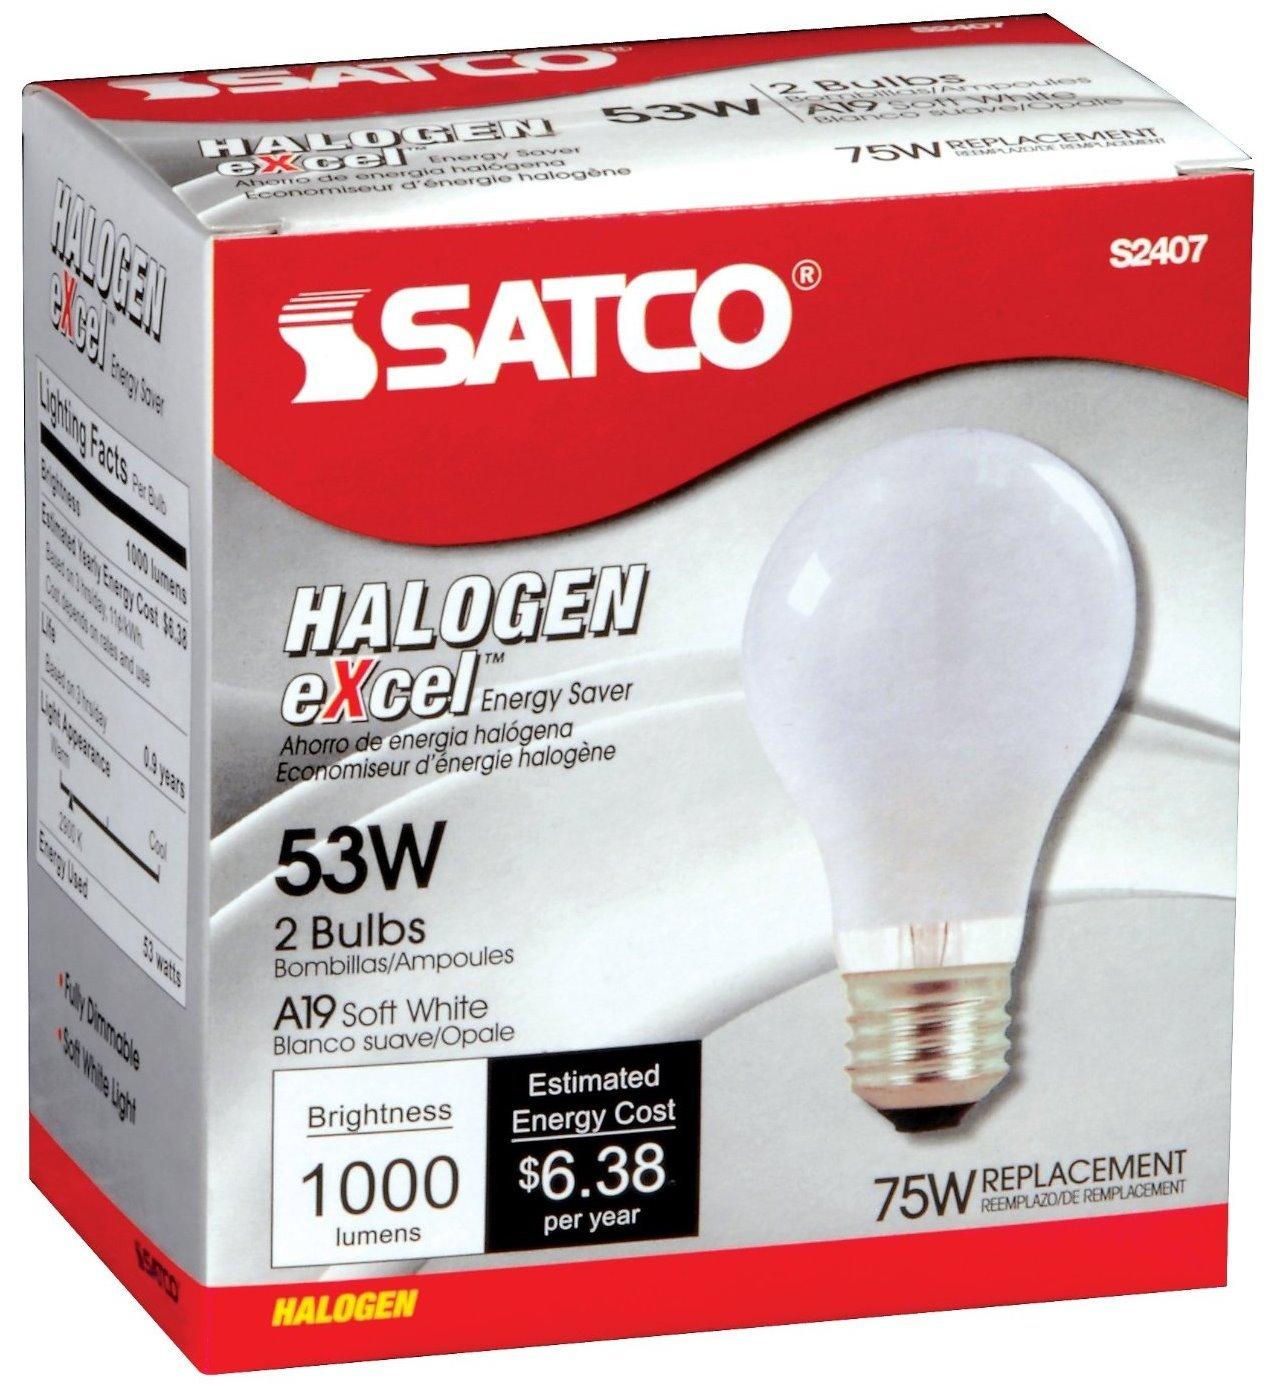 12 Pack Satco S2407 53 Watt 1050 Lumens A19 Halogen 2900K Soft White Light Bulbs (75 Watt Replacement) - 2 per Package (24 Bulbs Total)